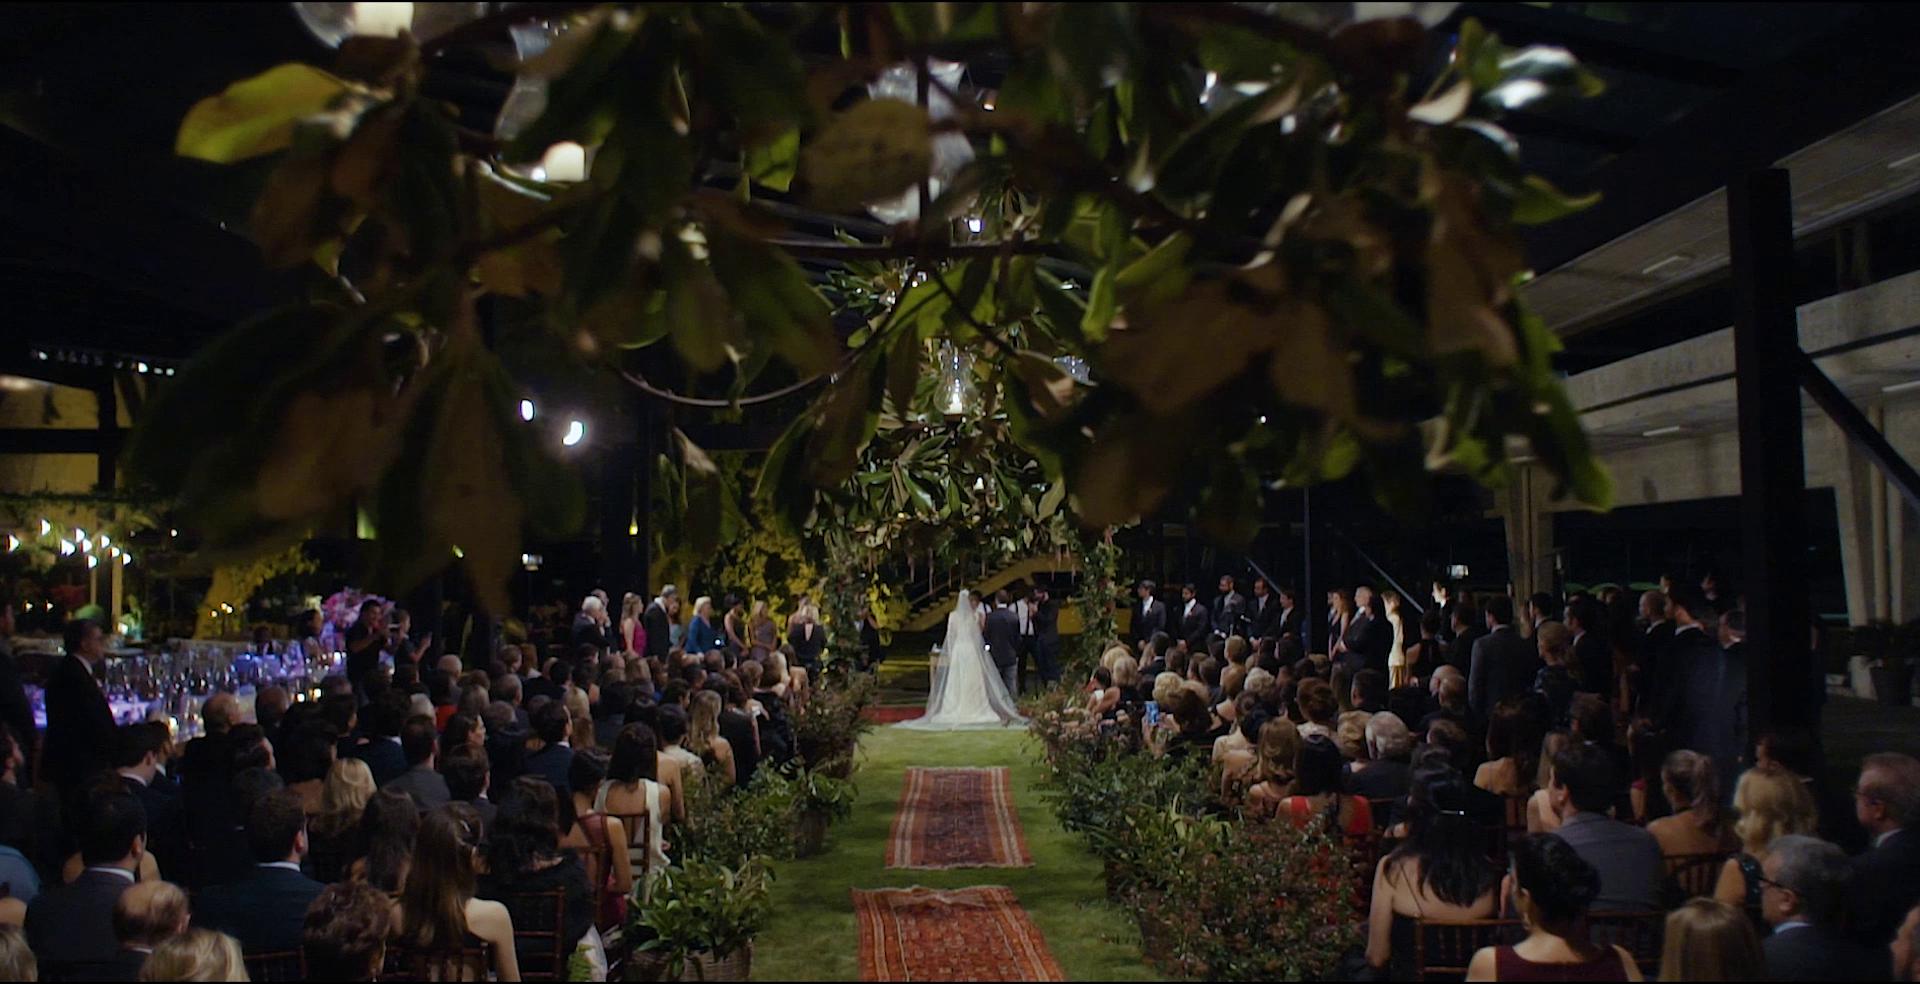 Iris e alvaro casamento h pica paulista filmagem de for Schuhschrank no name 05 sp